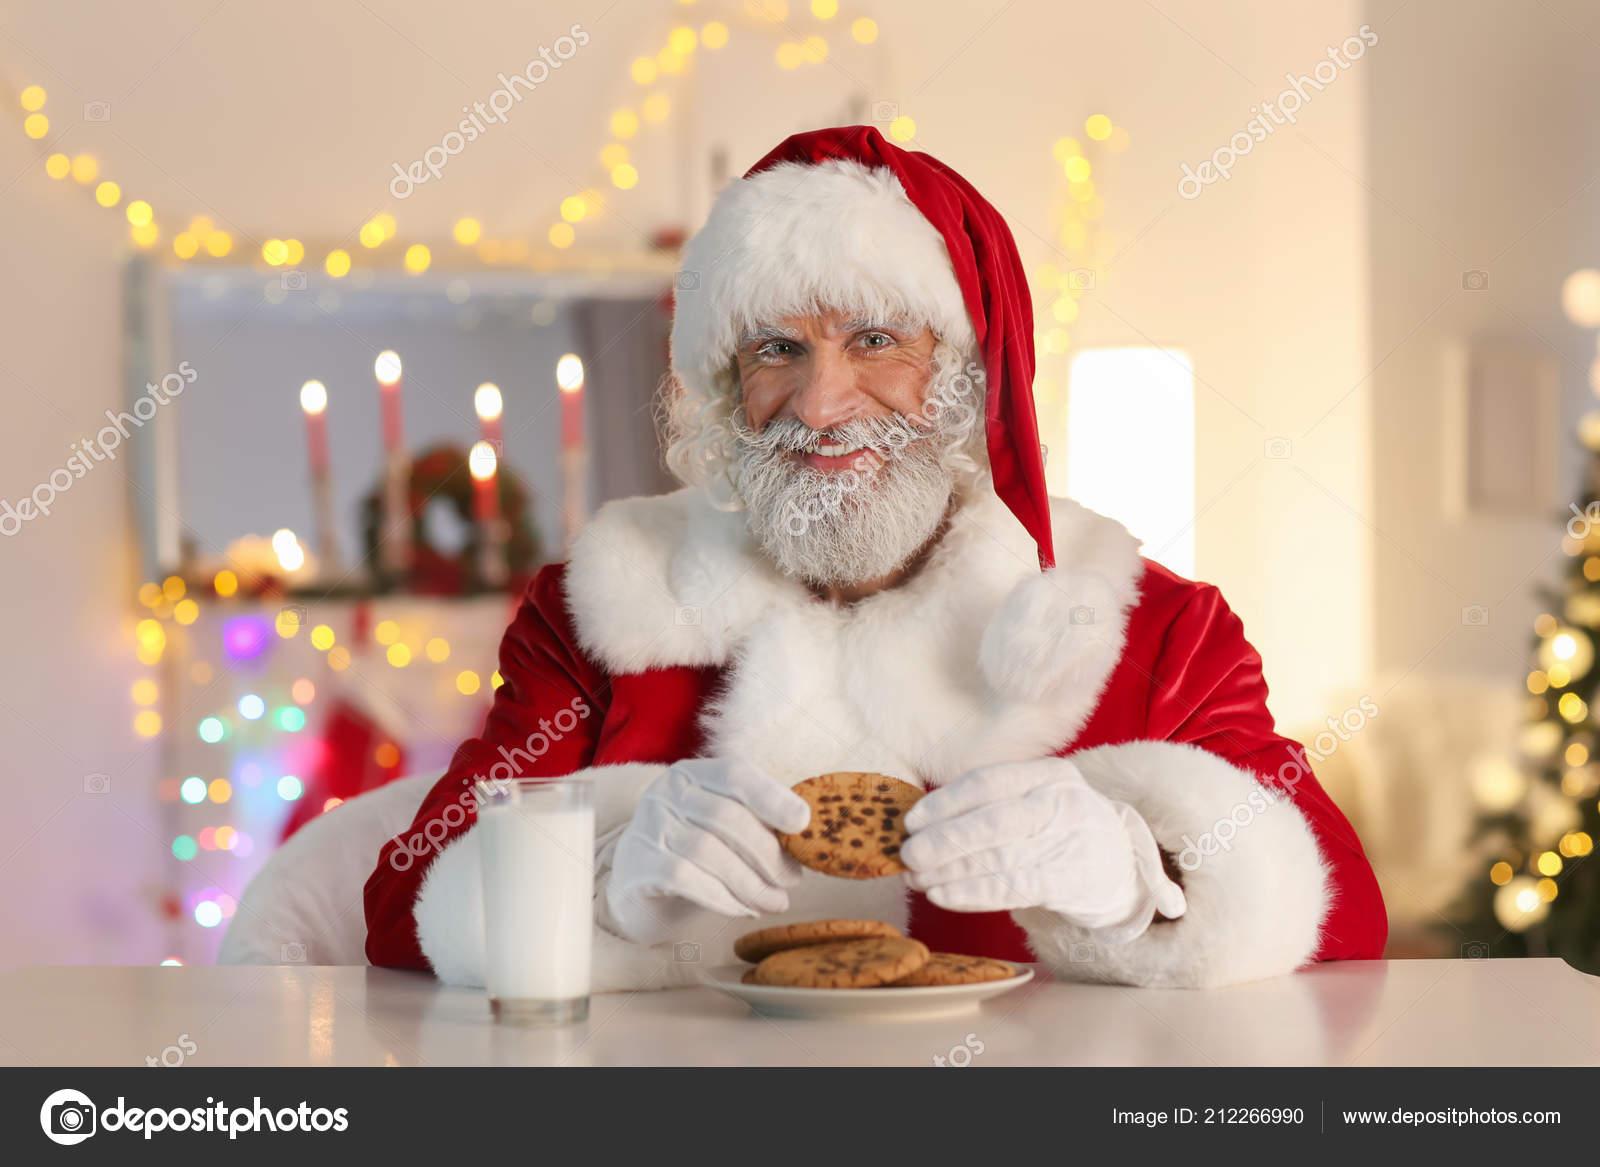 Santa Claus comiendo galletas y beber leche en la mesa en la sala decorada  para la Navidad — Foto de serezniy 8c5e56670c7